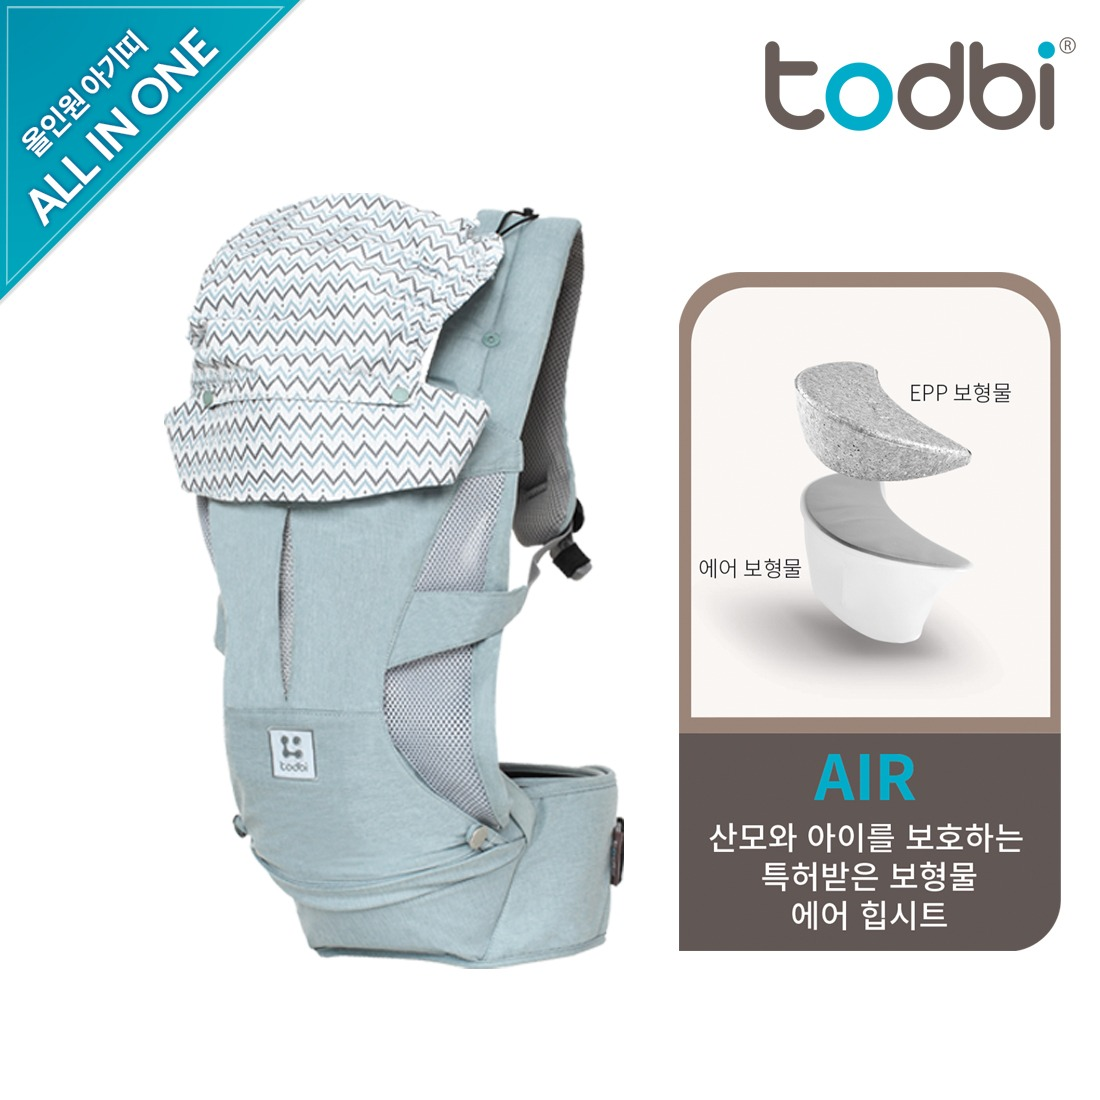 [토드비] 히든360 스페셜 에어 힙시트 올인원 아기띠 민트